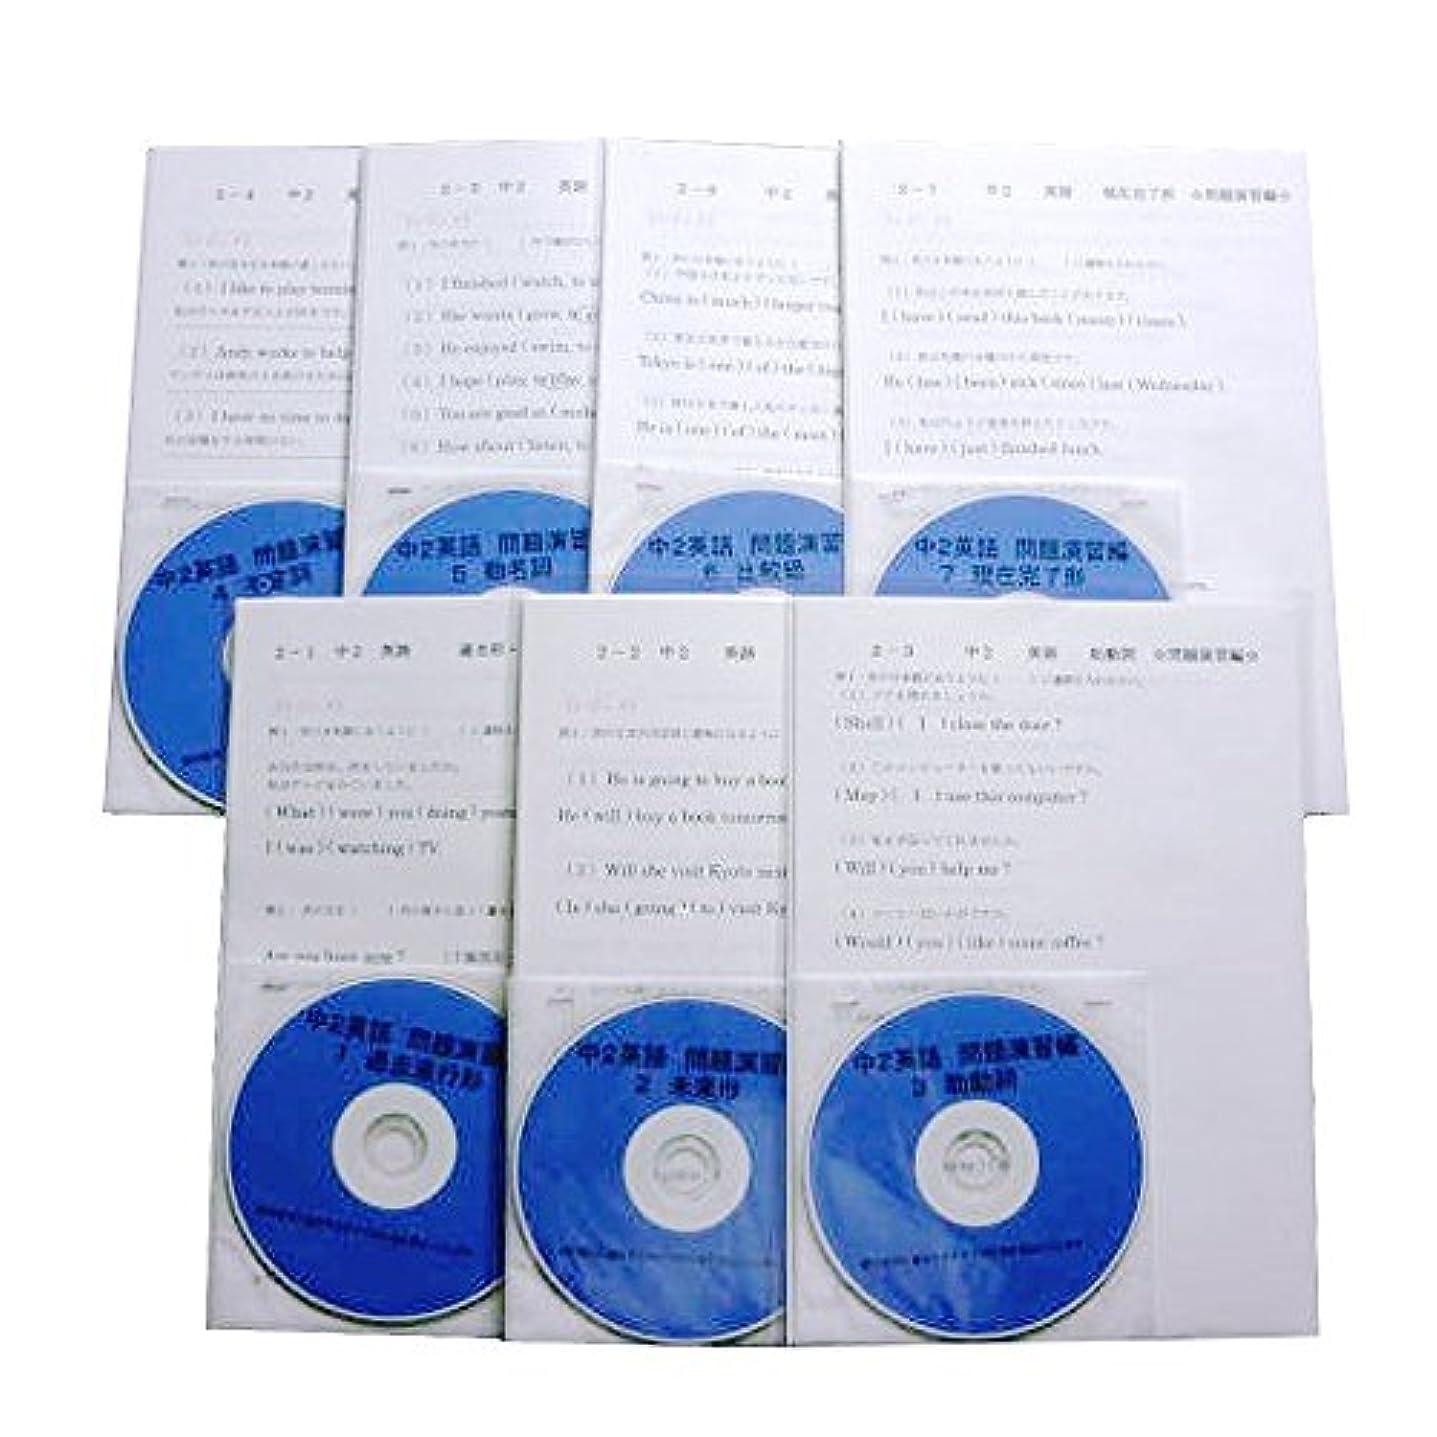 宿泊施設ダイエット消費中学 英語 2年 【応用】 DVD 7枚セット (授業+テキスト+問題集)